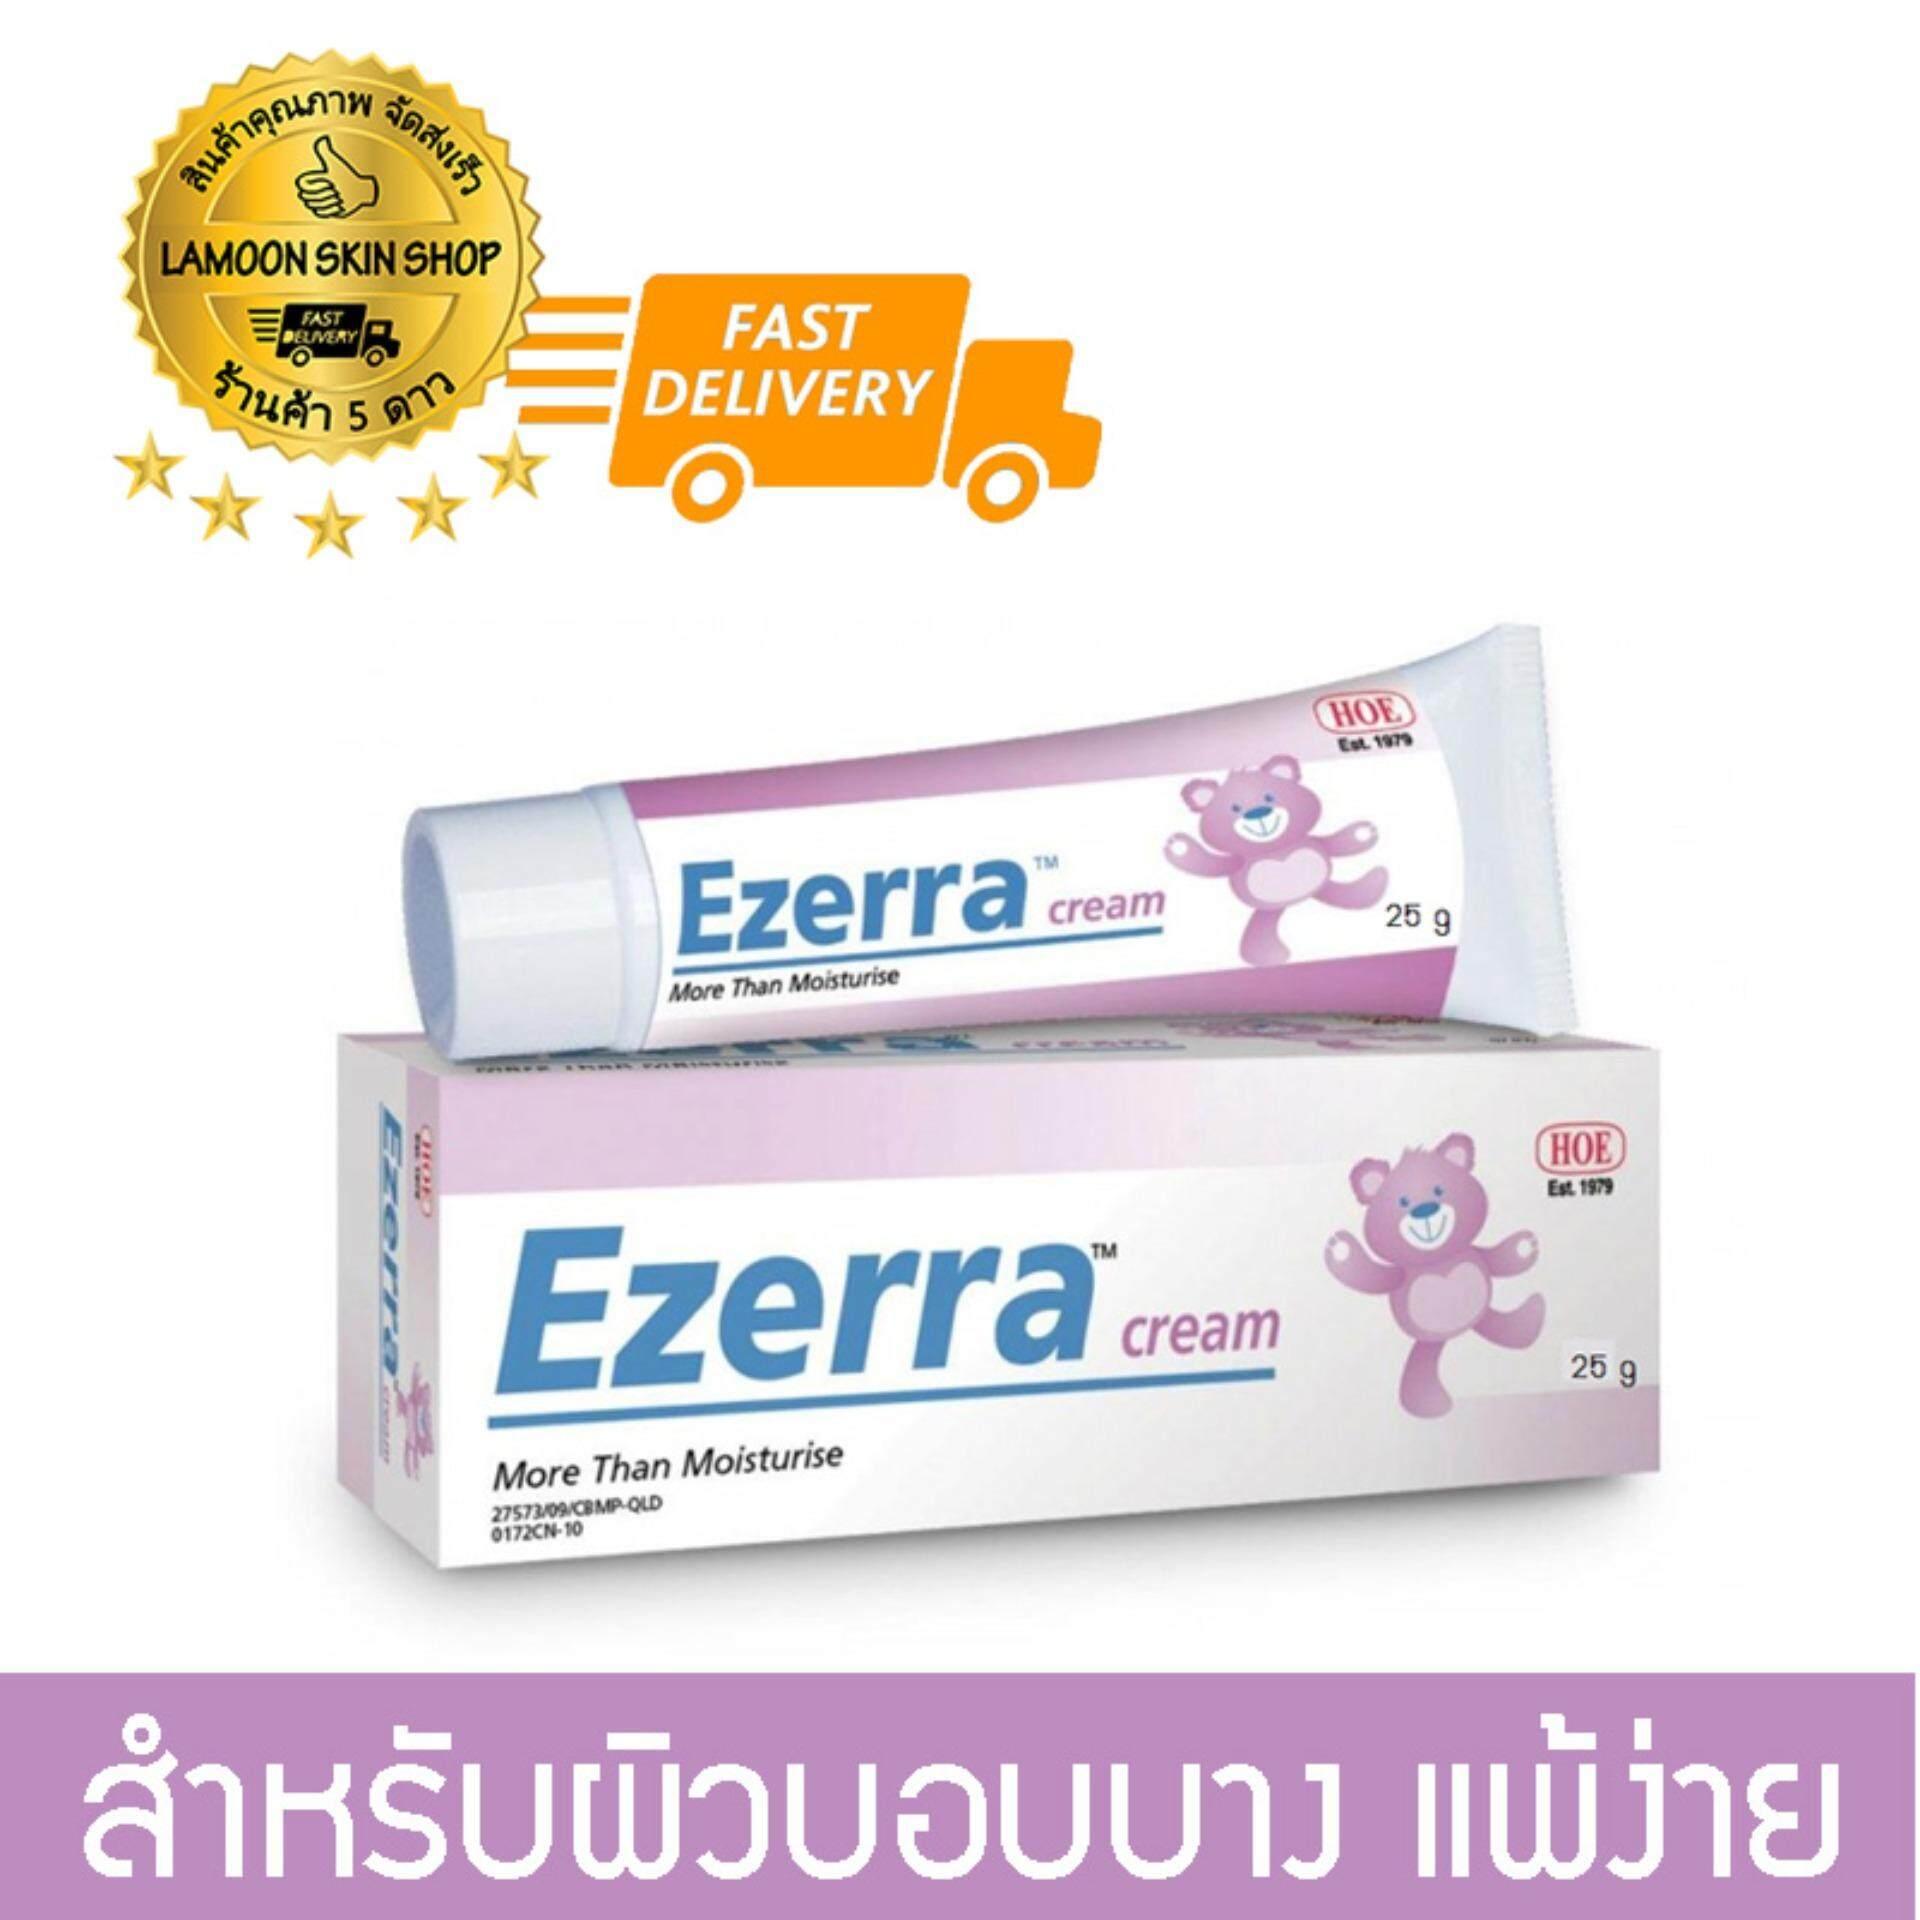 ขาย ซื้อ Ezerra Cream อีเซอร่า ครีมทาผิวอักเสบ สำหรับผิวแพ้ง่าย 25 กรัม ใน กรุงเทพมหานคร